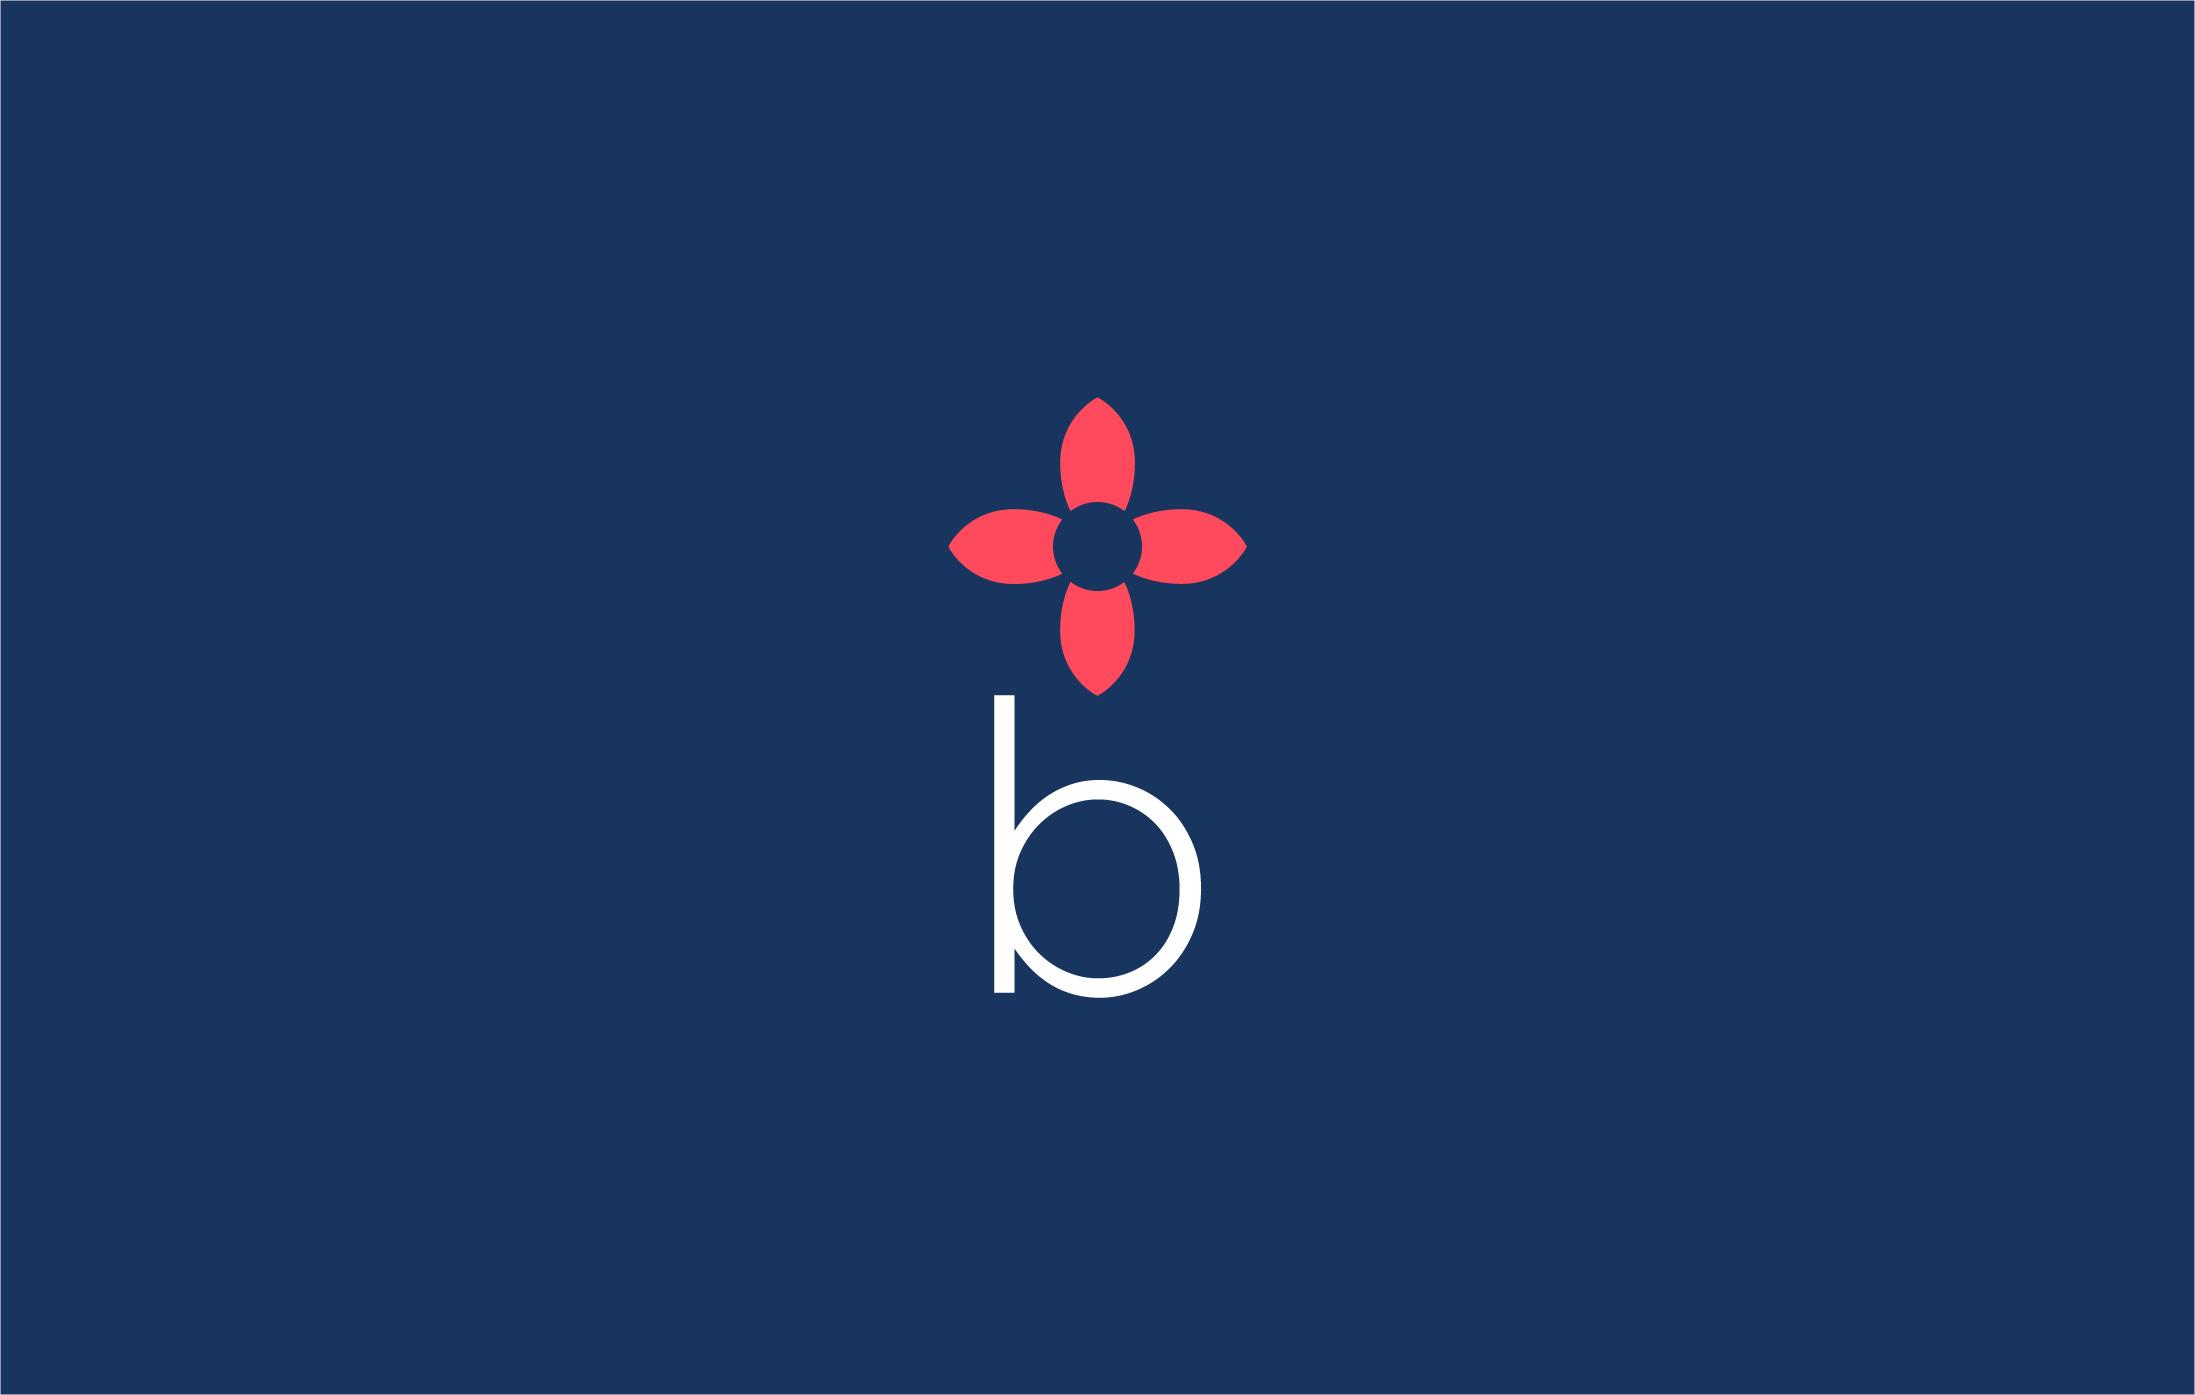 BiskotIT - Estudio Rana - Diseño Gráfico y Comunicación